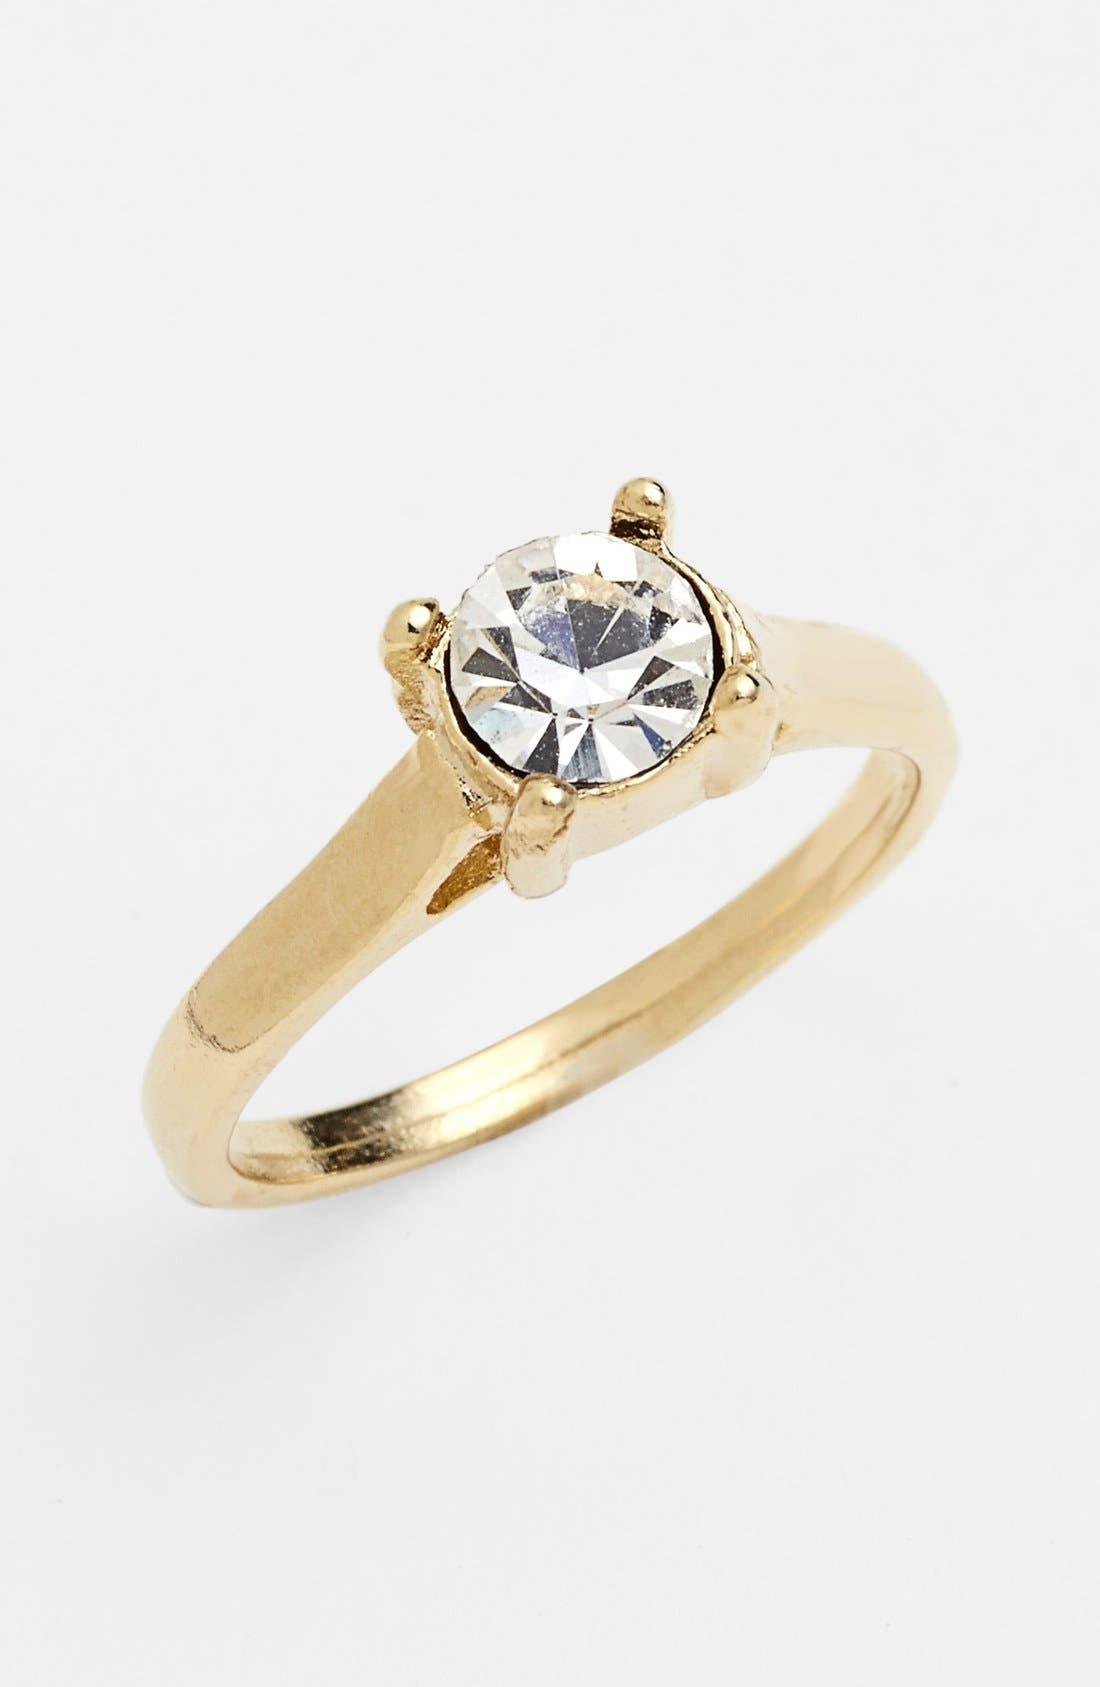 Main Image - Bonnie Jonas 'I Do' Midi Ring